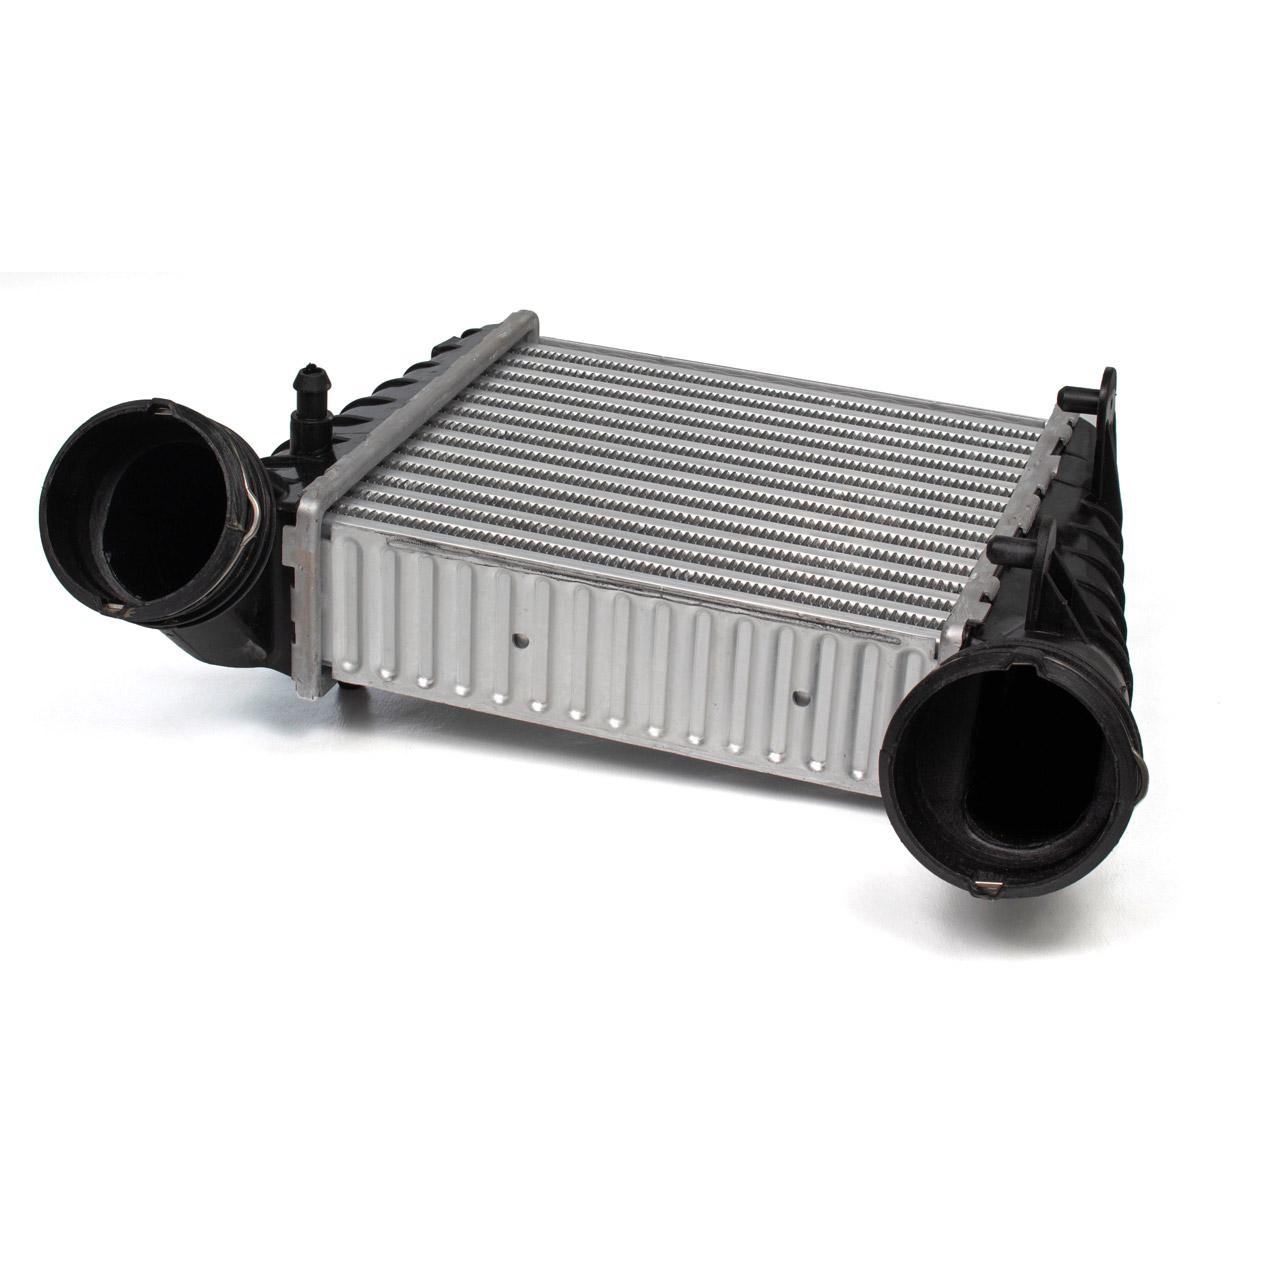 NRF Ladeluftkühler Kühler SKODA Superb 1 VW Passat 3B 1.9/2.0 TDI 3B0145805D